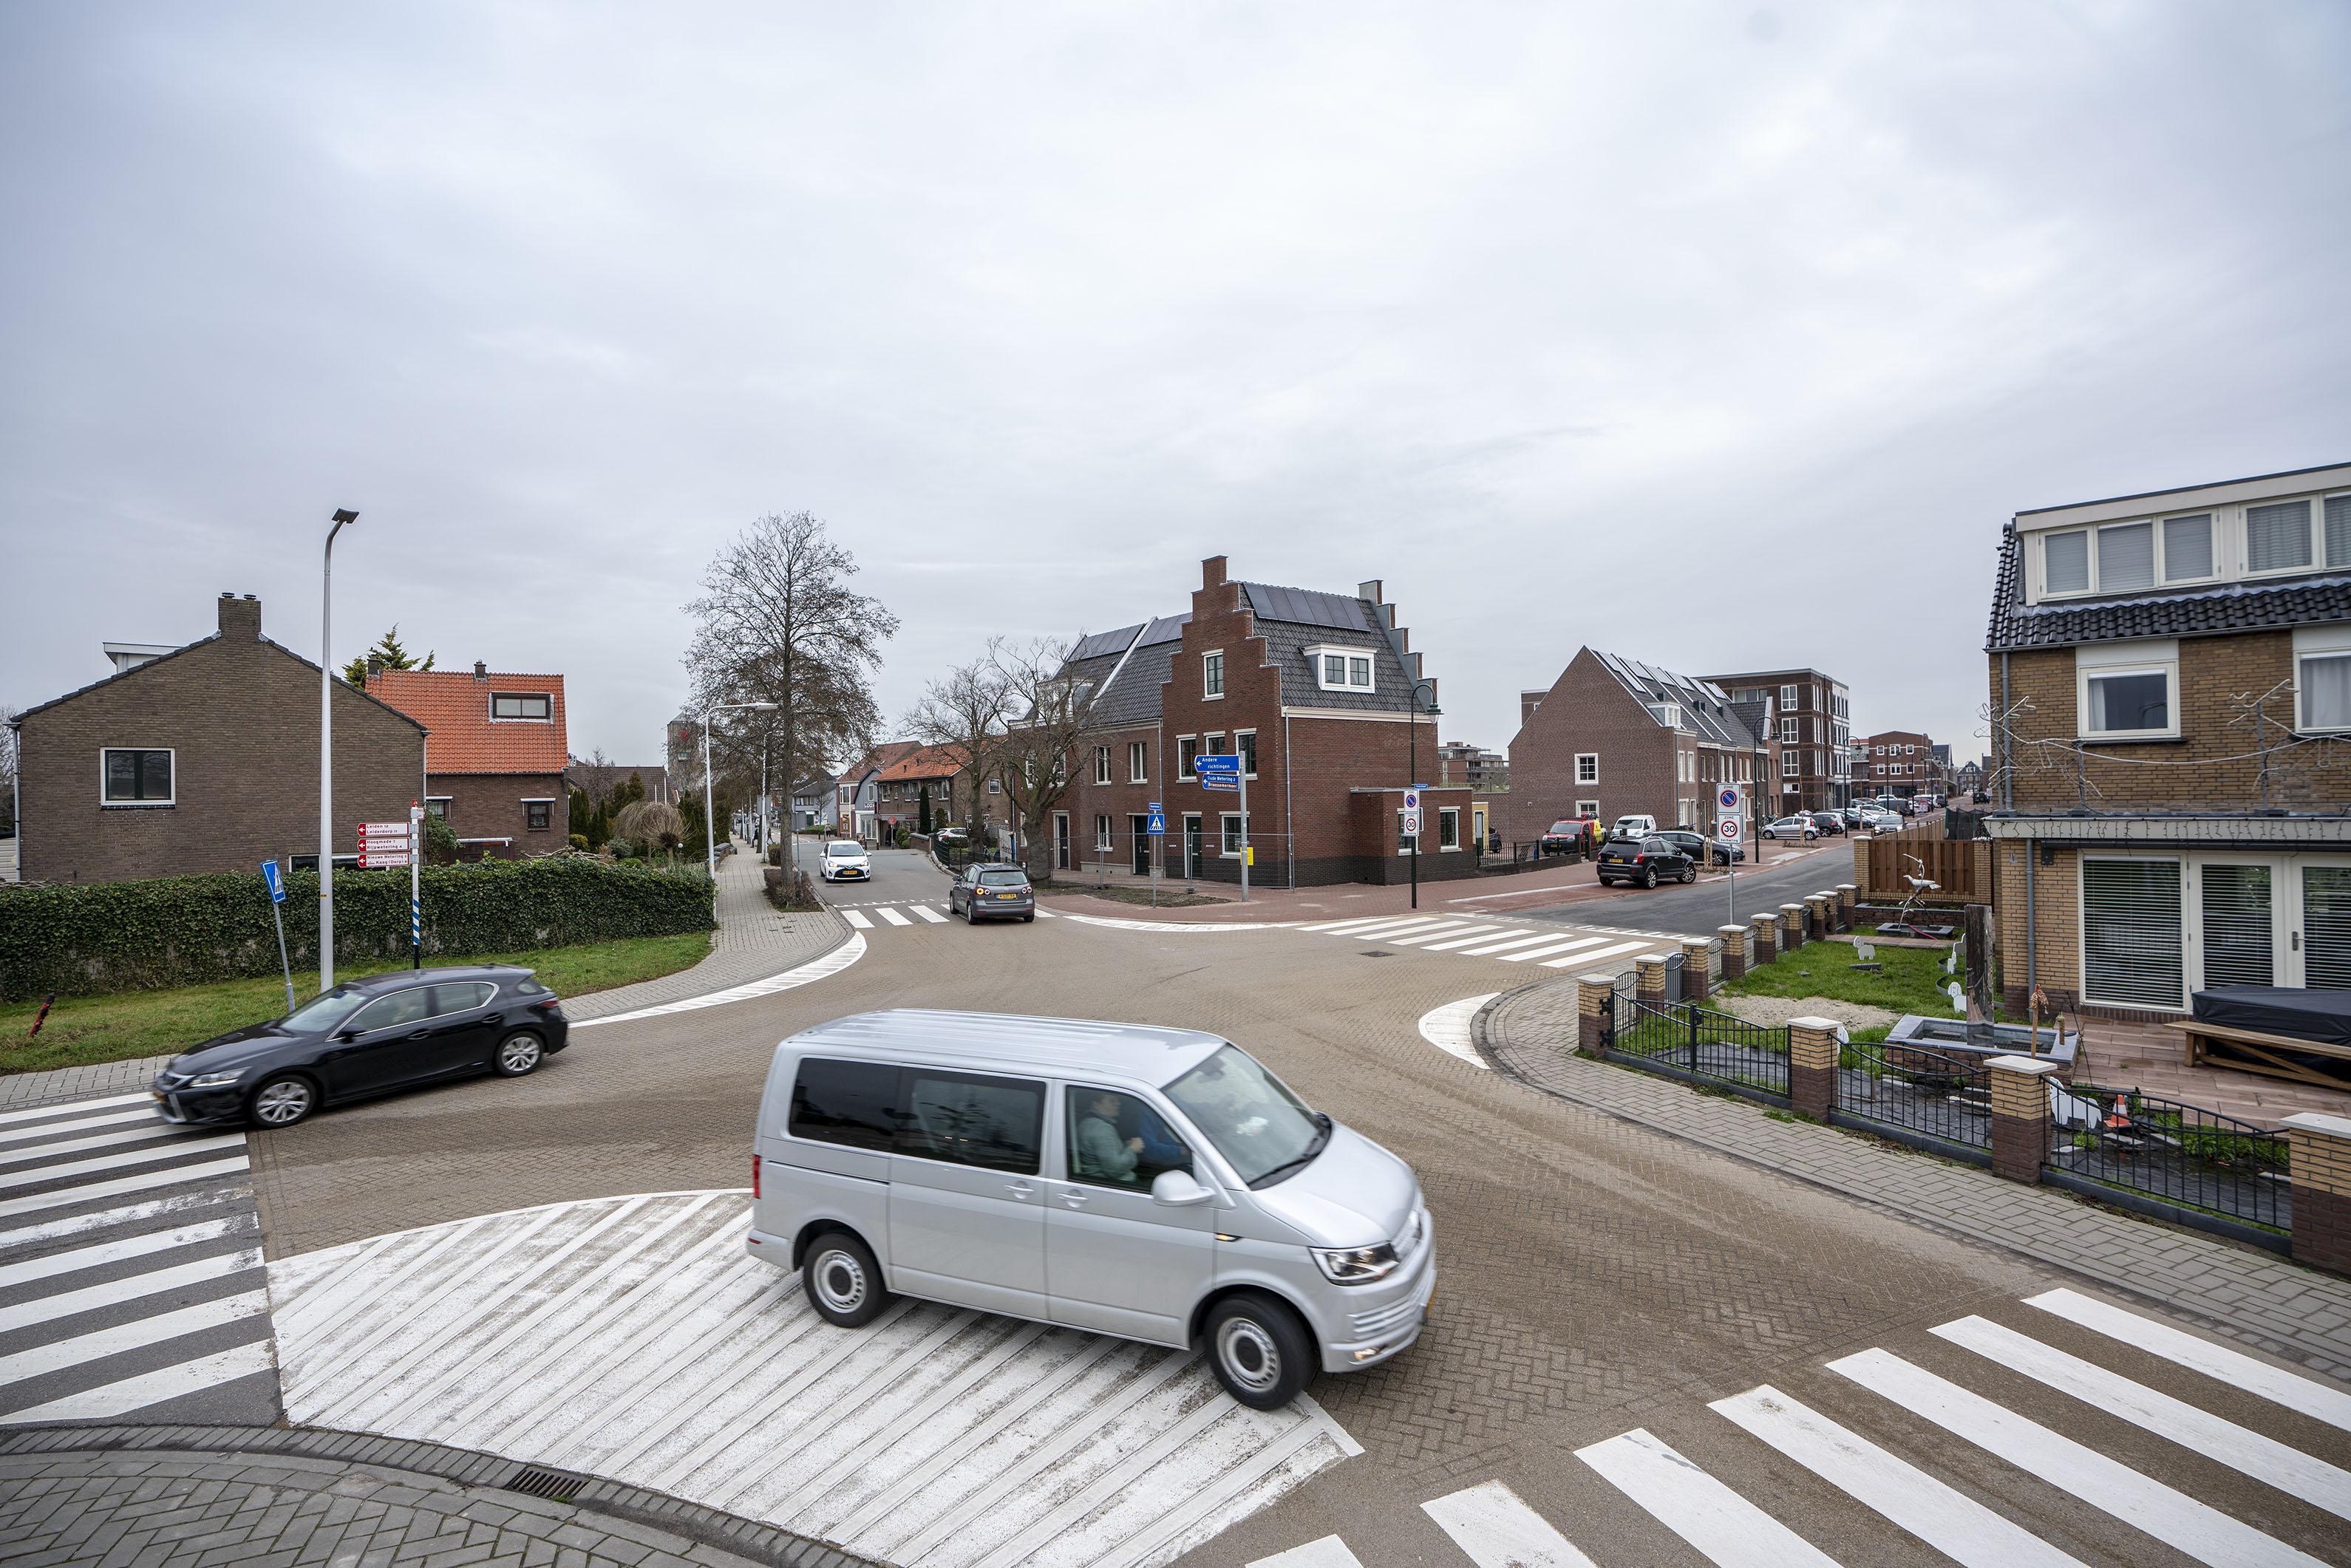 2021 belooft een overzichtelijk jaar te worden voor de meest besproken kruising van Roelofarendsveen